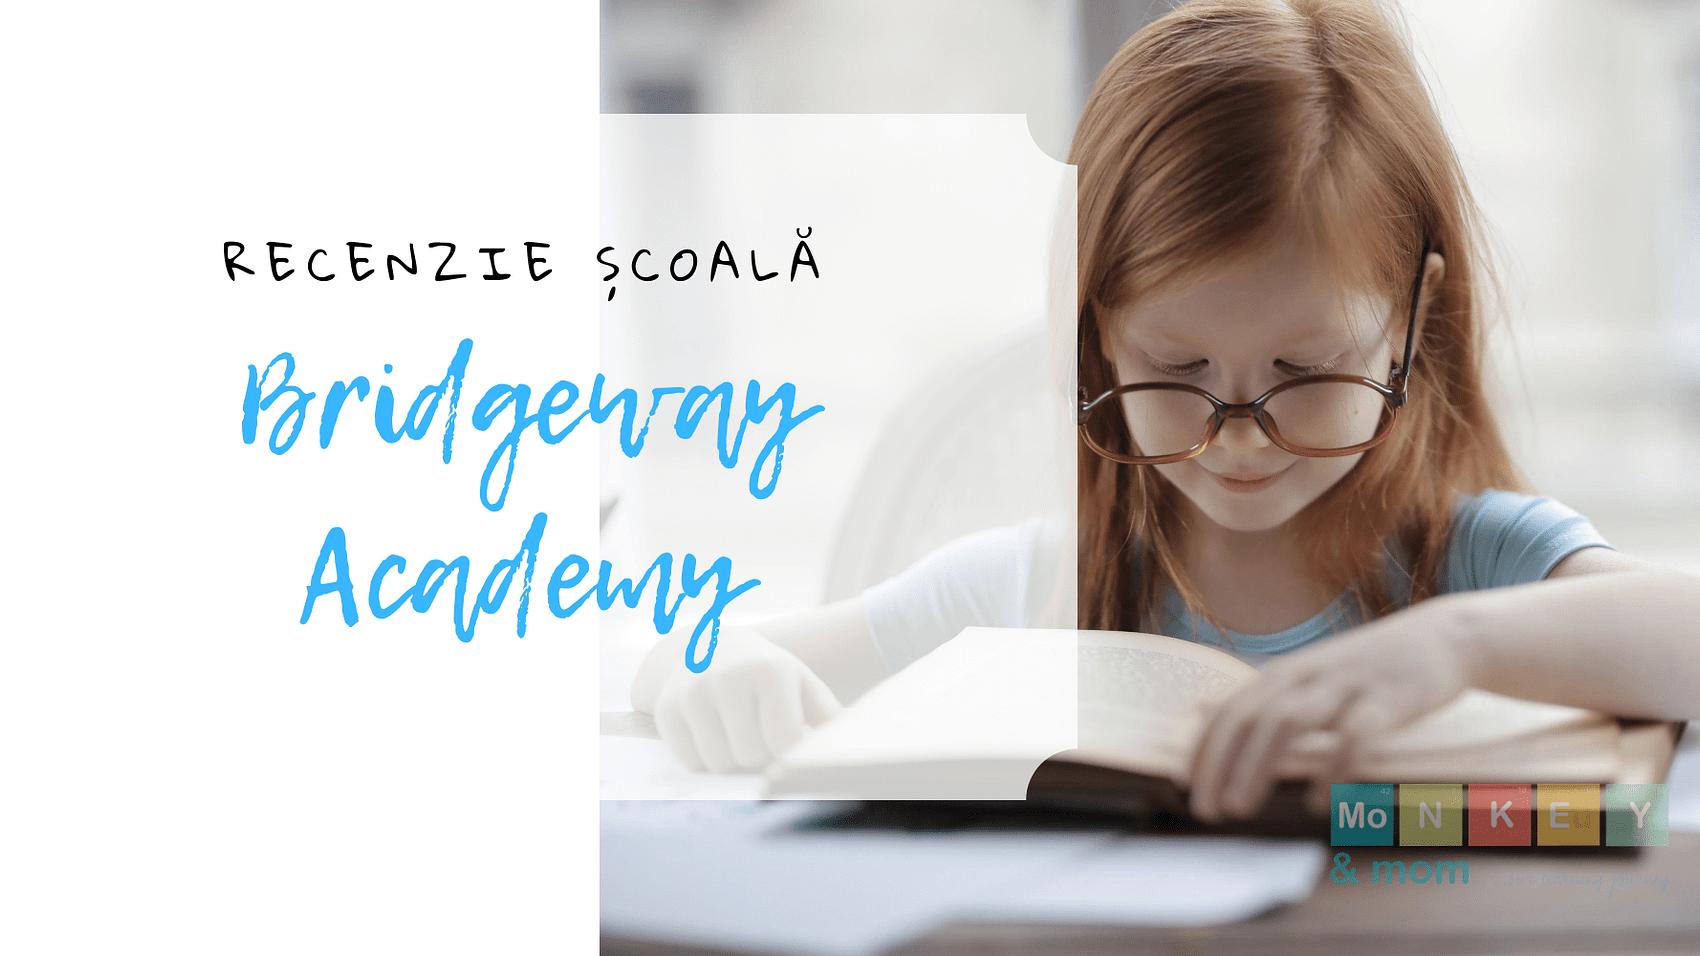 bridgeway academy homeschool review